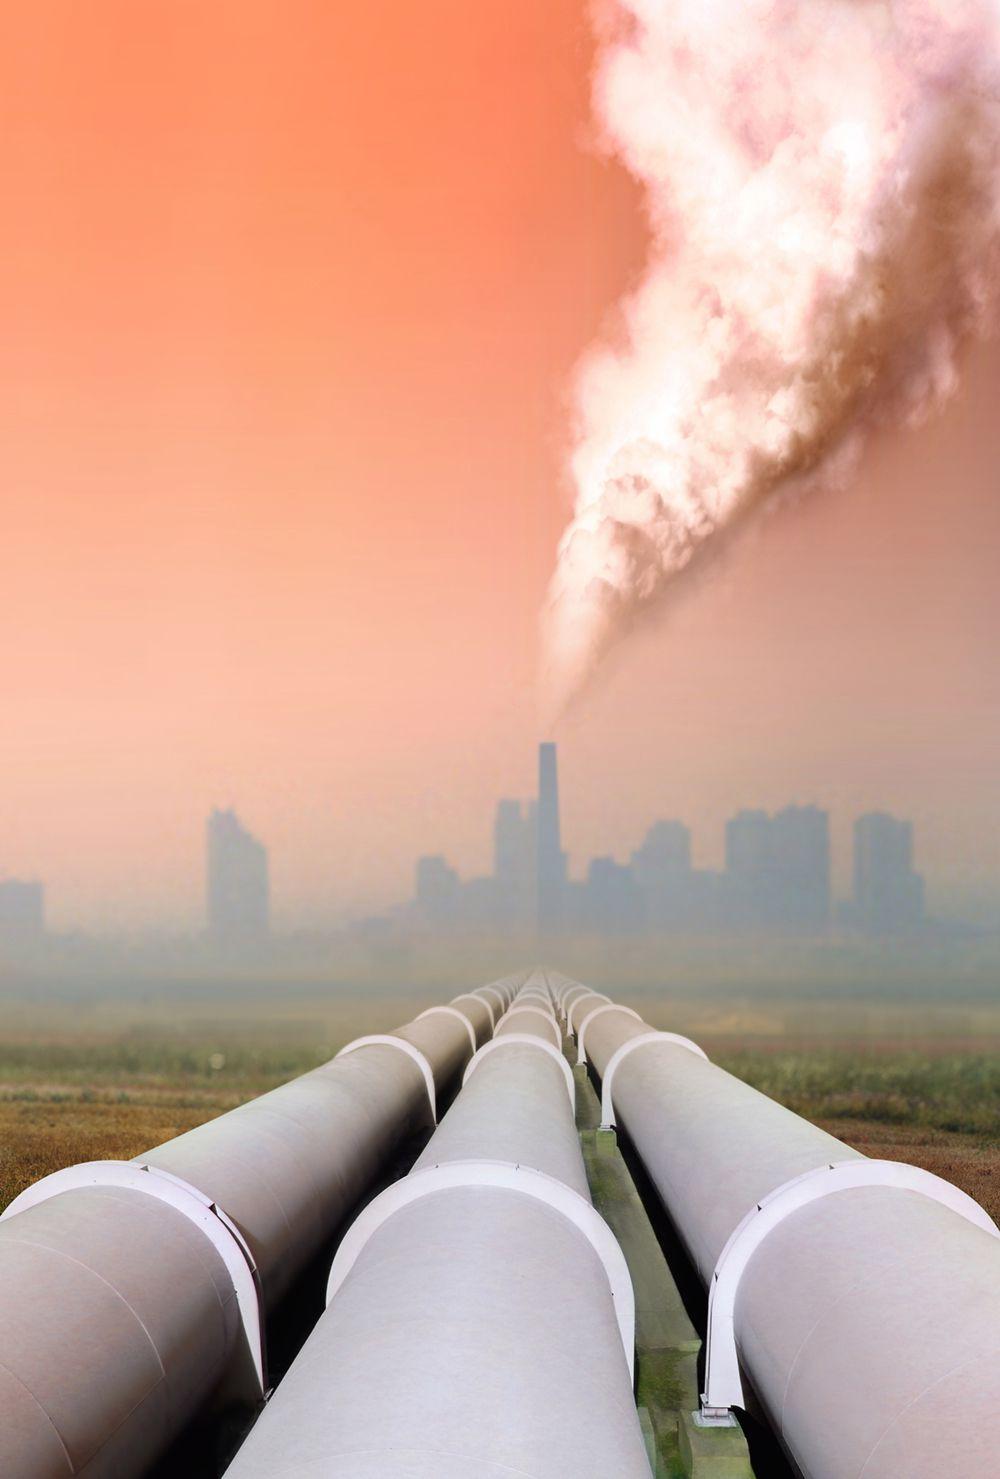 Отримання дозволу на викиди забруднюючих речовин в атмосферне повітря - Фото №2